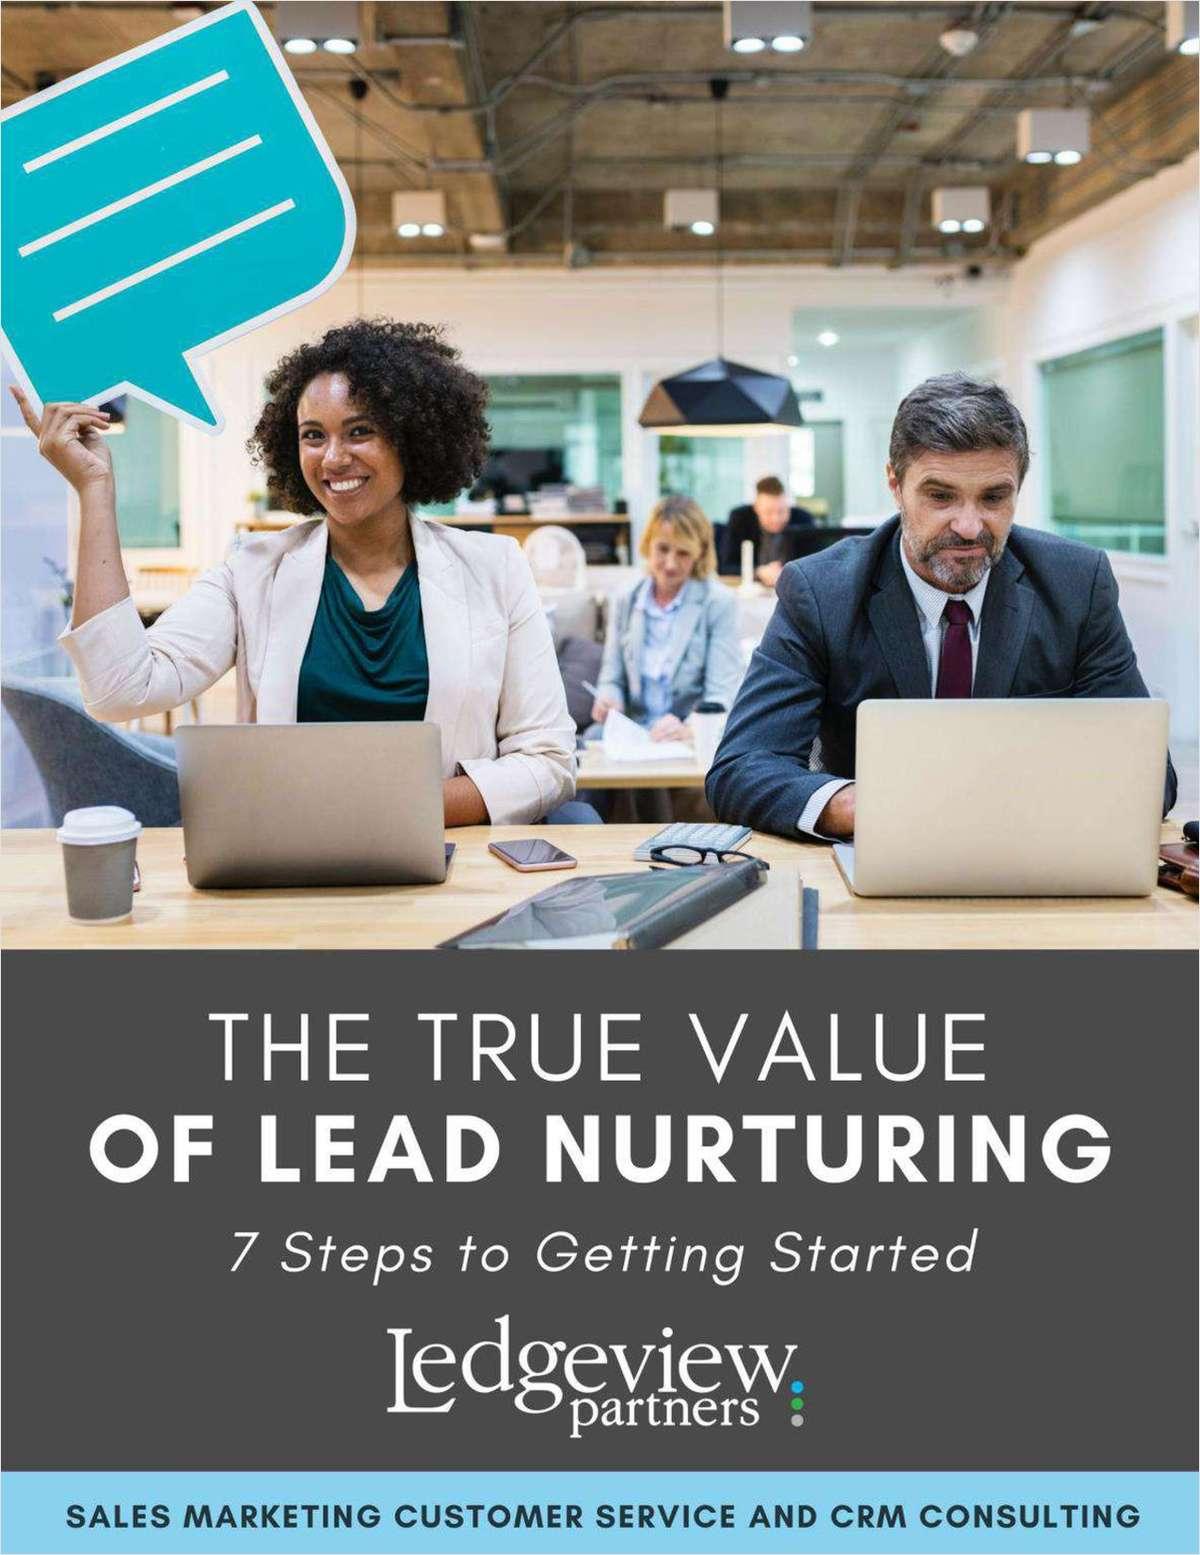 The True Value of Lead Nurturing